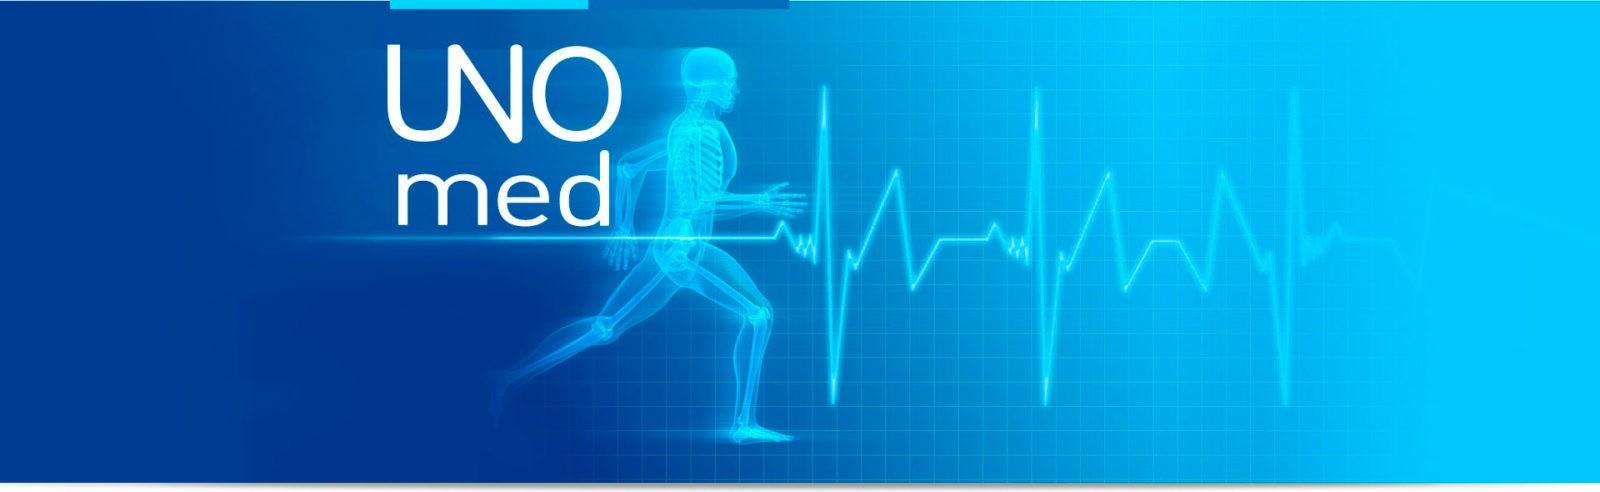 Компания УноМед предлагает сотрудничество в сфере поставок и консультирования по вопросам медицинского инструмента